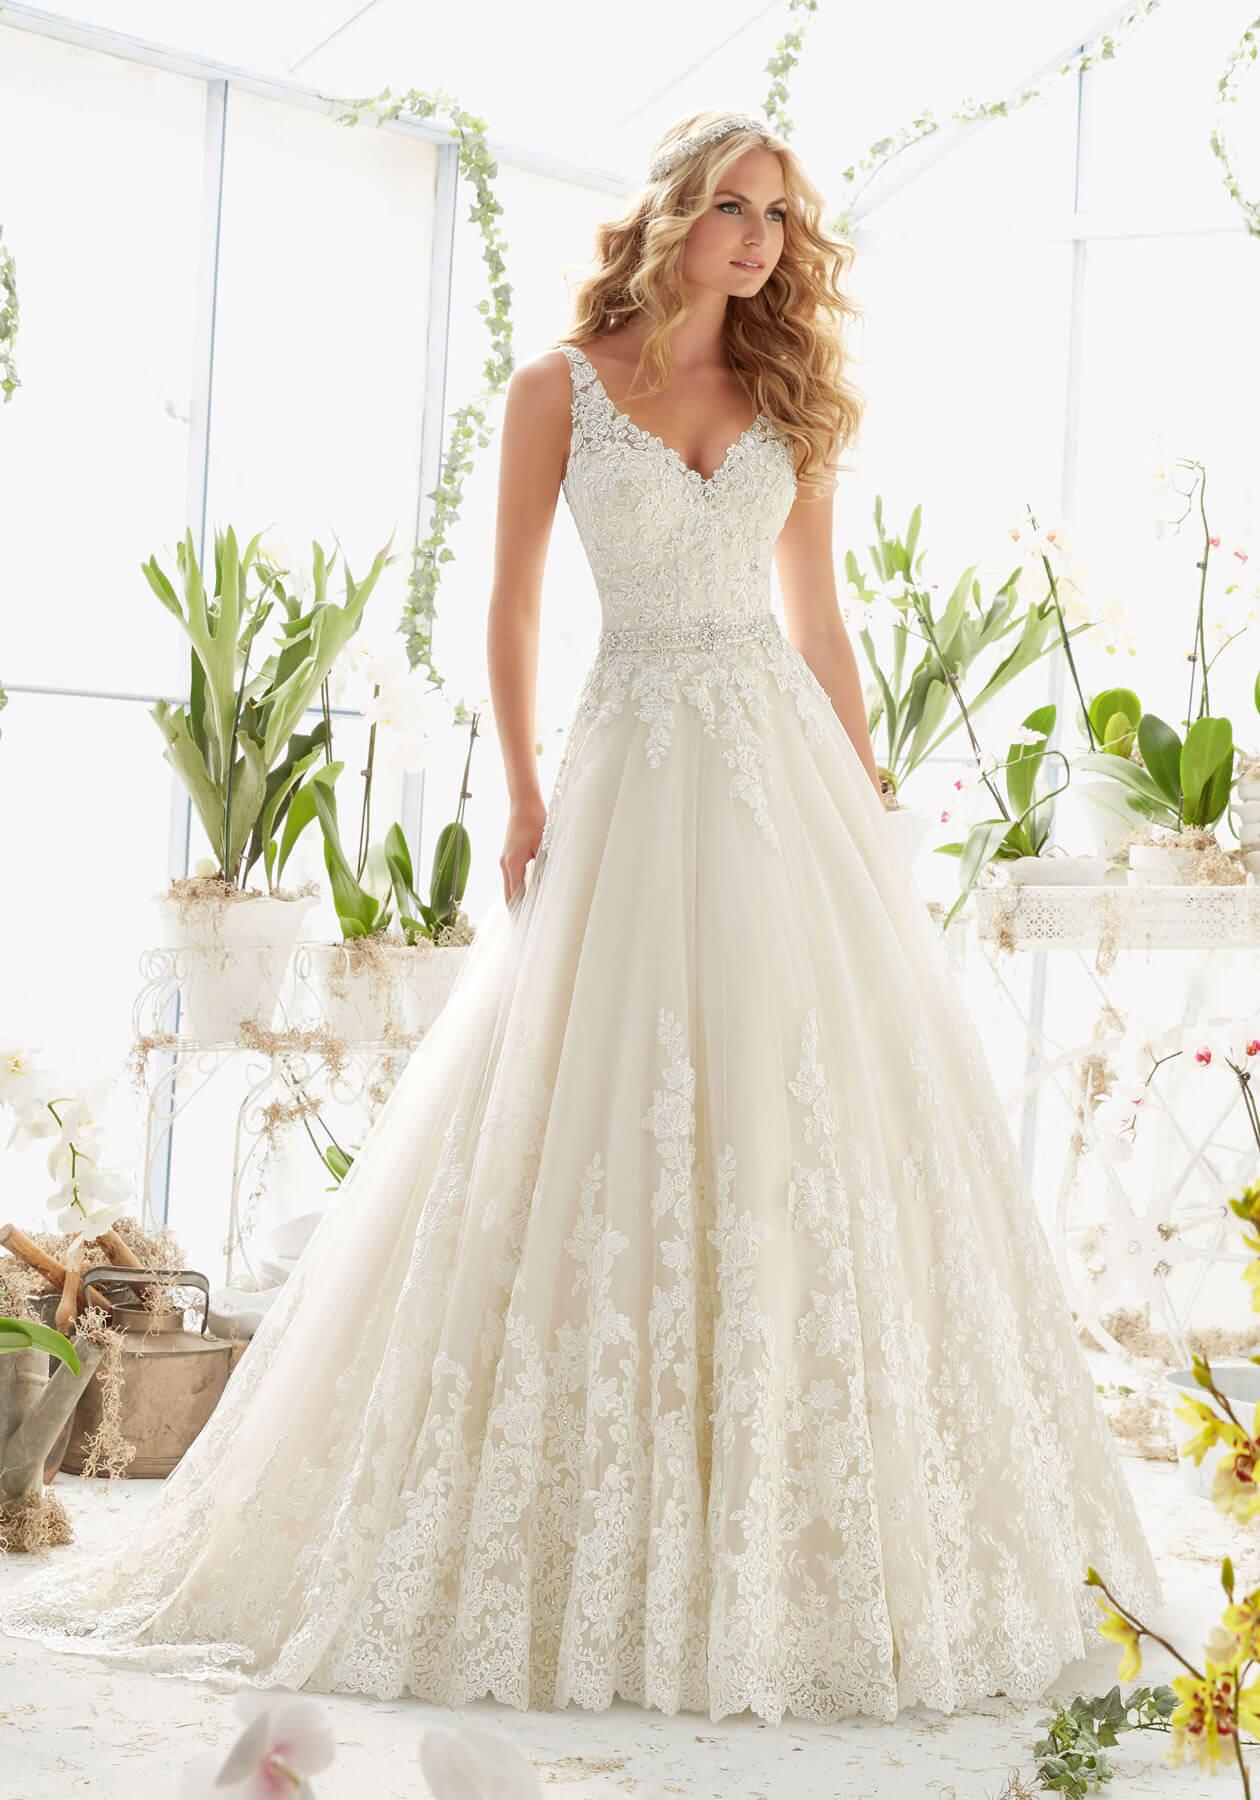 Cвадебное платье Mori Lee 2821